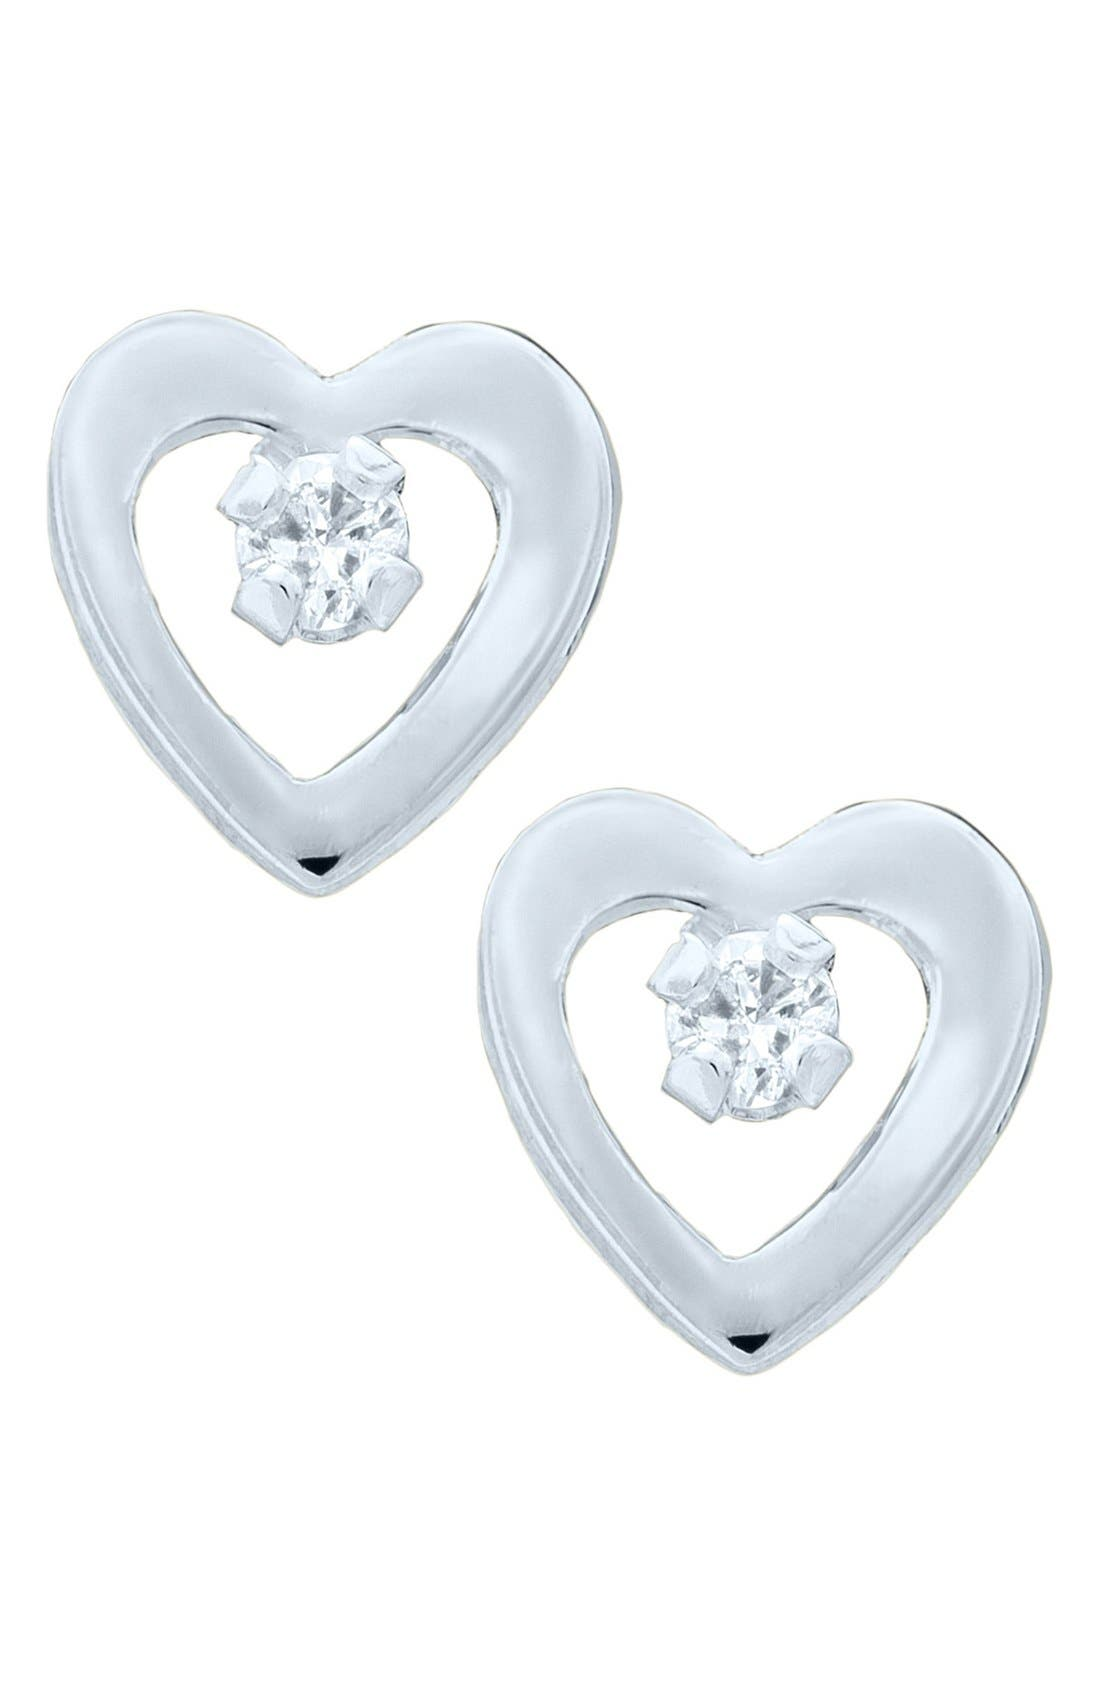 MIGNONETTE 14k White Gold & Diamond Heart Earrings